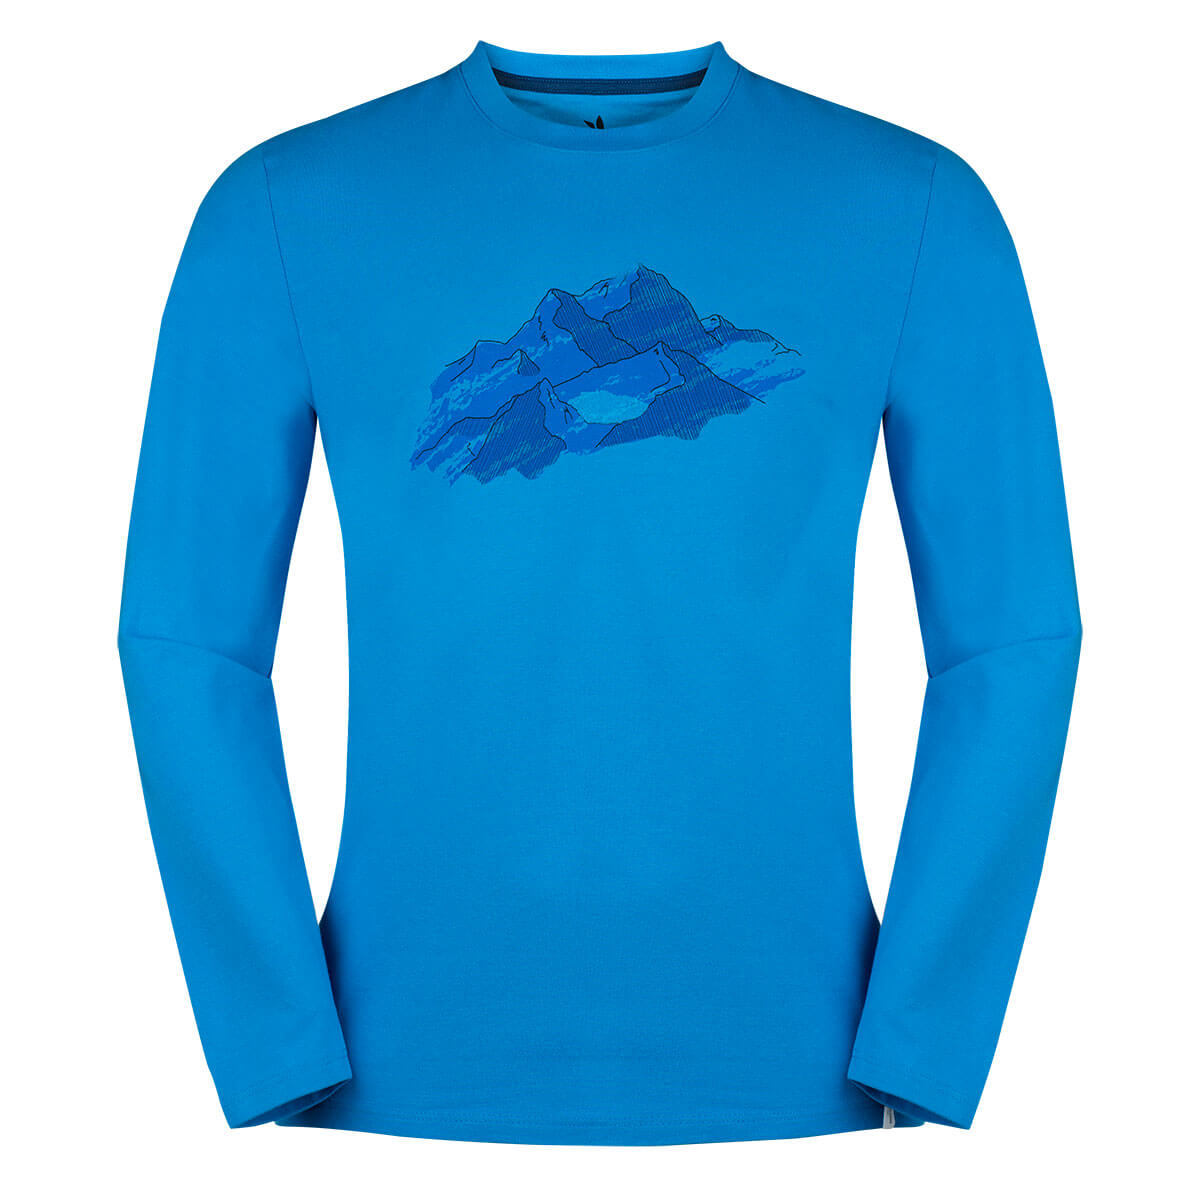 Pánske tričko Zajo Bormio LS Blue Nature - veľkosť S